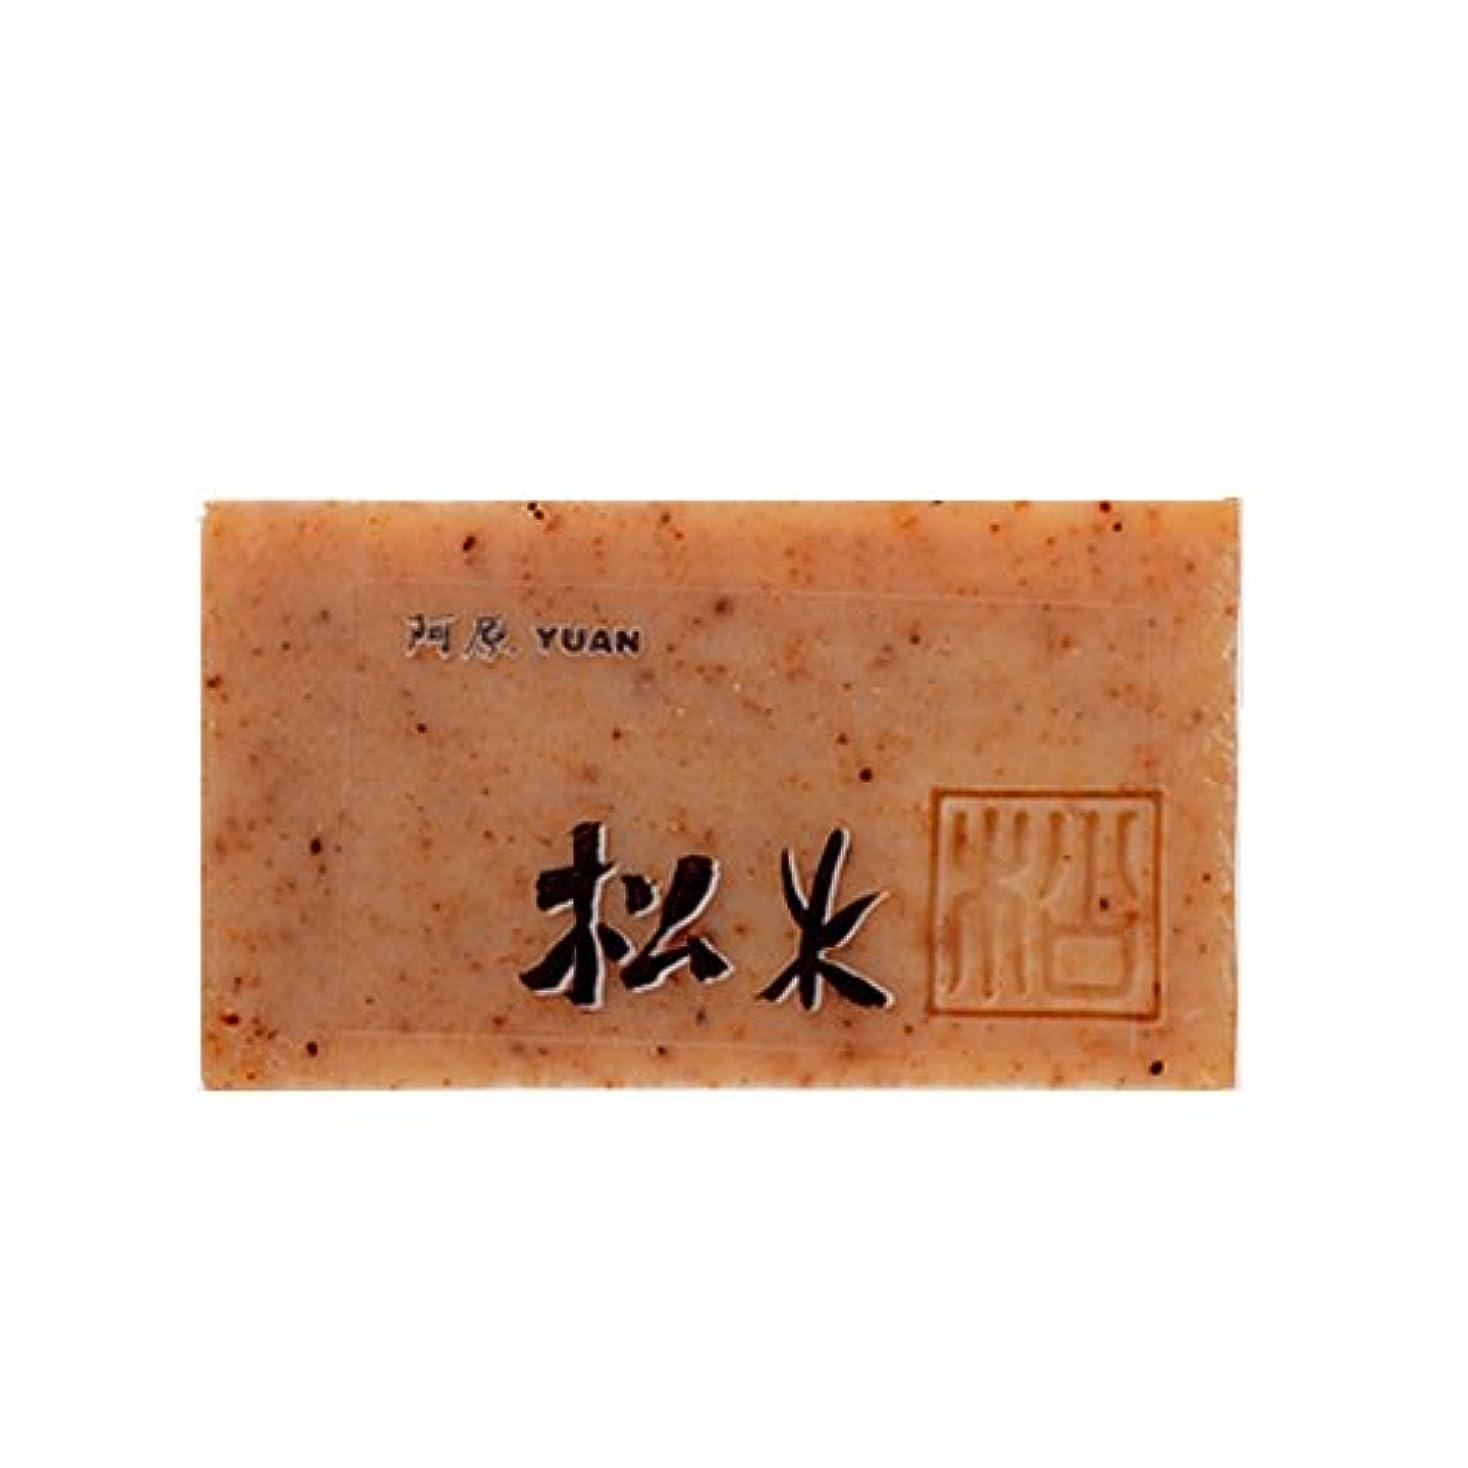 形容詞サークル理解するユアン(YUAN) ユアンソープ 松木(まつのき)ソープ 100g (阿原 石けん 台湾コスメ)